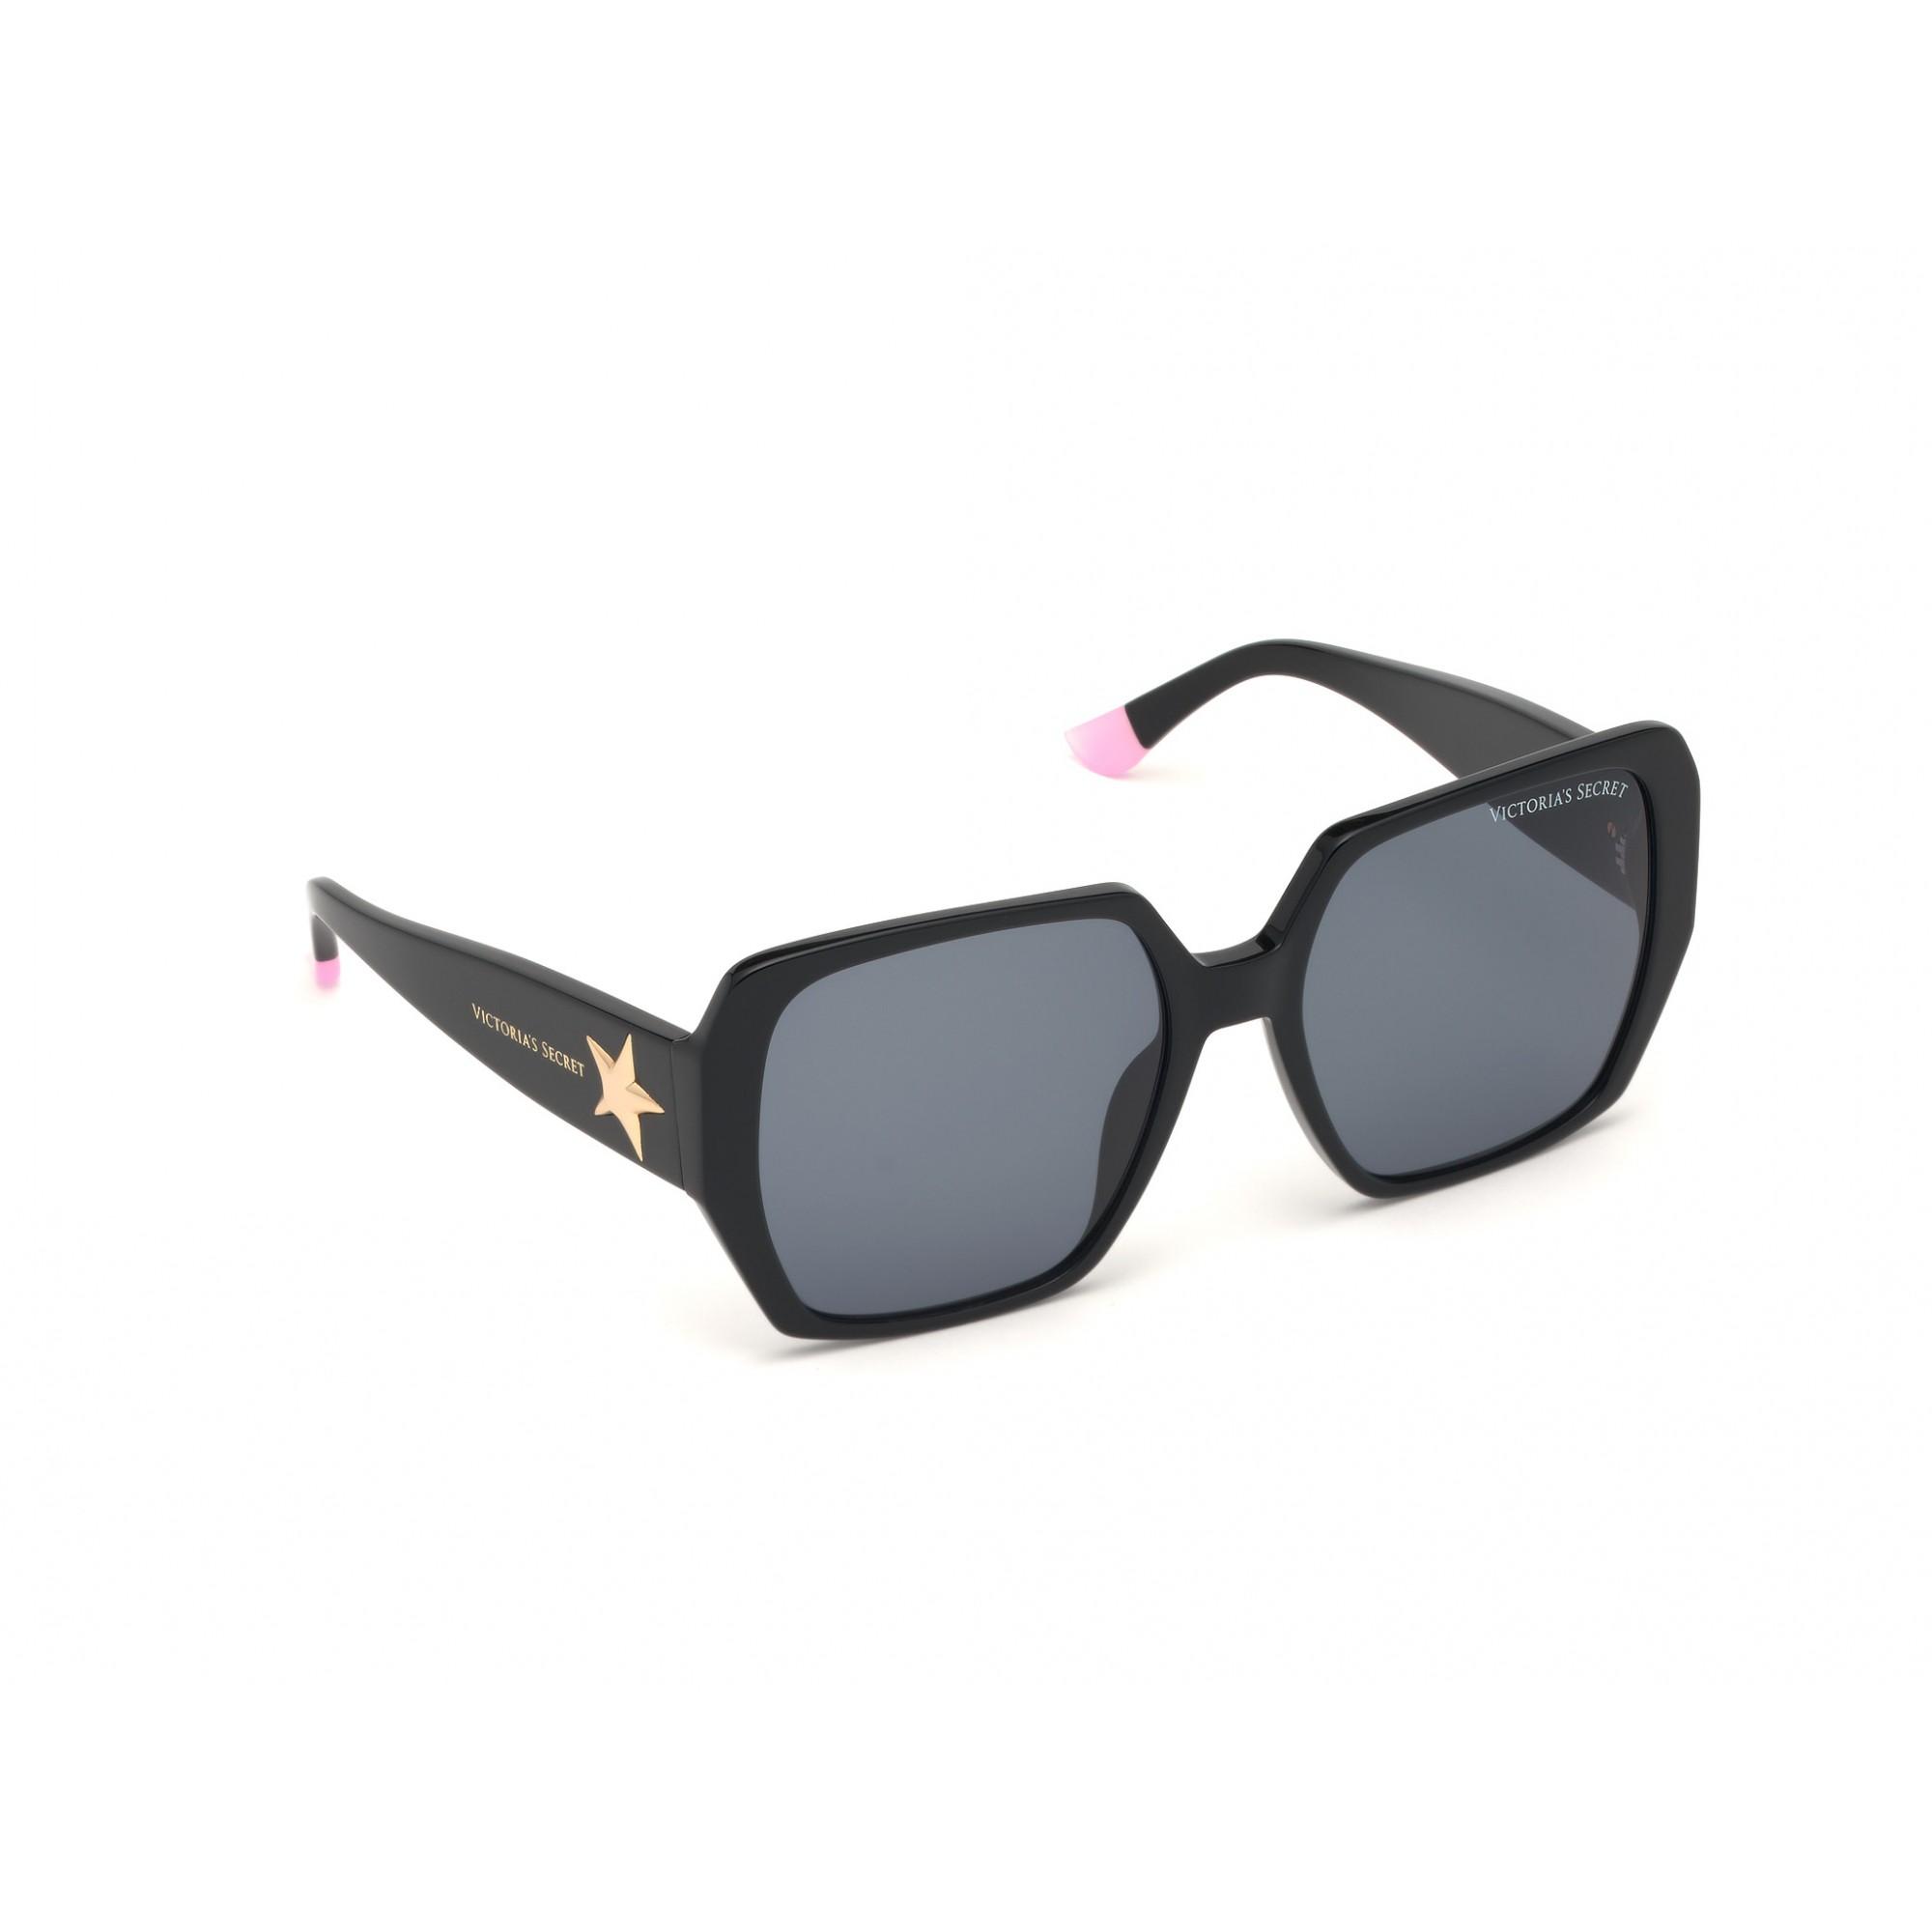 Victoria's Secret Pink - VS0016 01A 58 - Óculos de sol